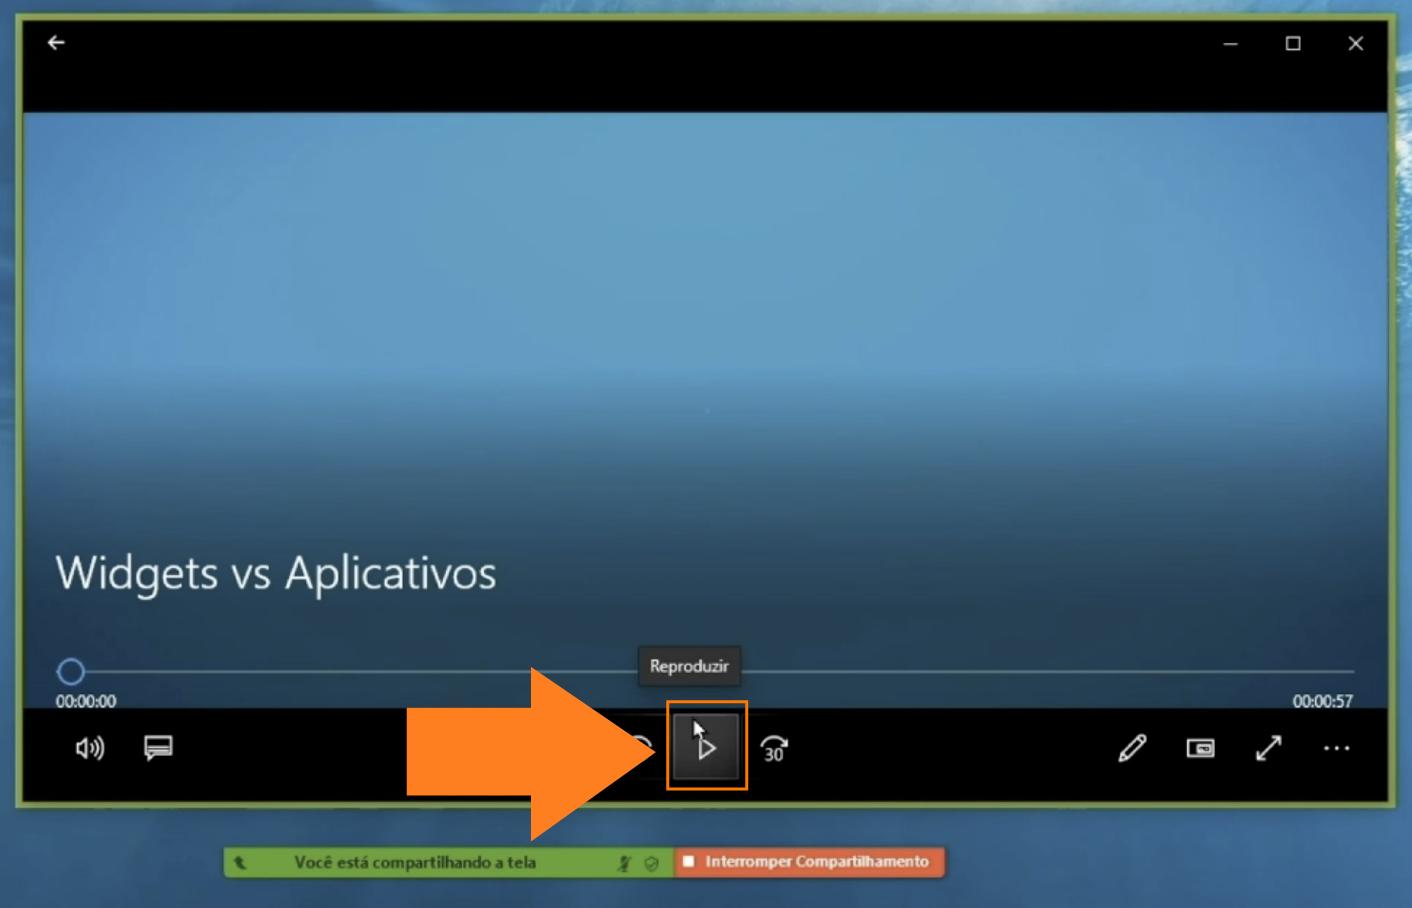 Imagem4 de como compartilhar o som de um vídeo durante uma reunião do zoom